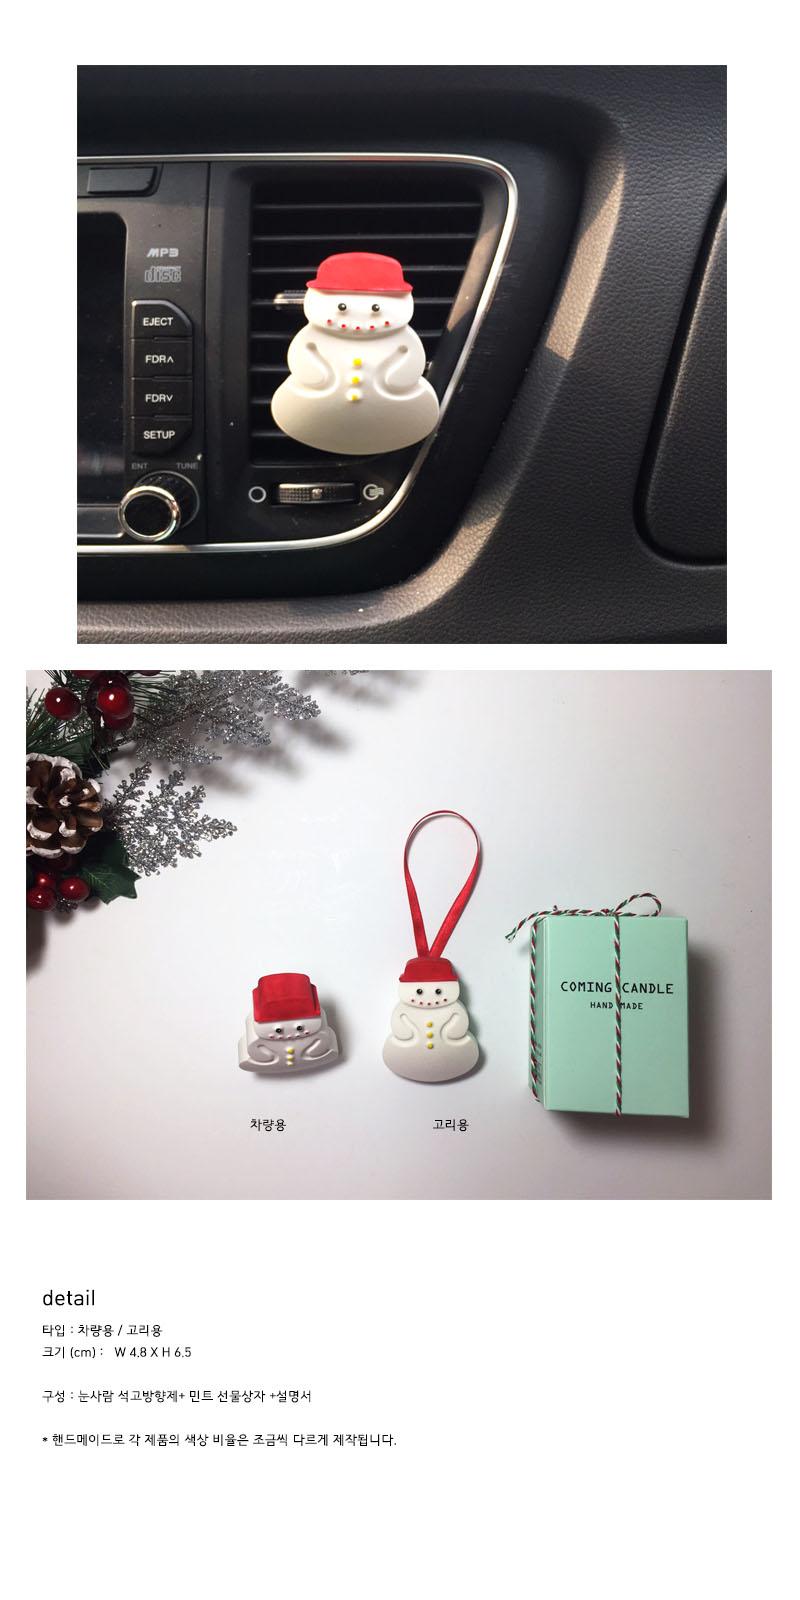 눈사람 석고방향제 ( 실내고리용-차량용) - 커밍캔들, 8,000원, 방향제, 석고방향제